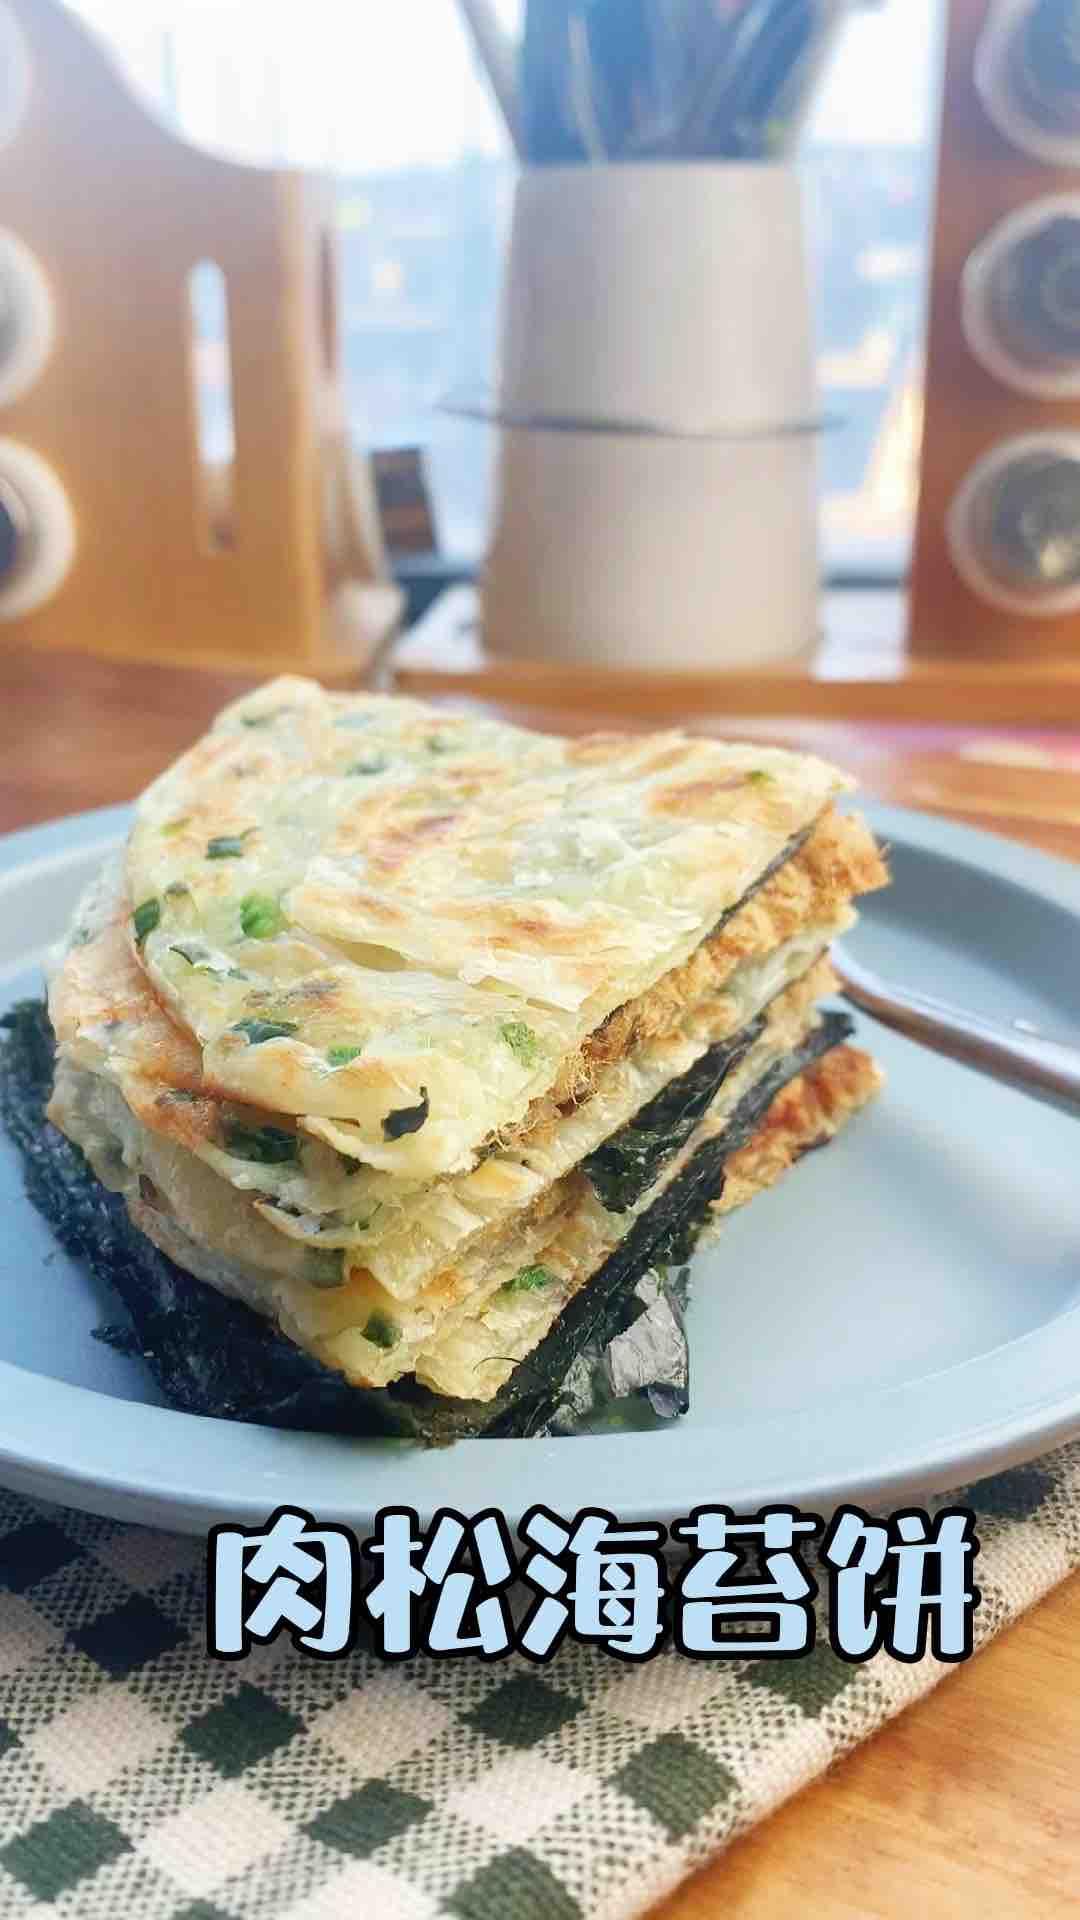 肉松海苔饼的做法